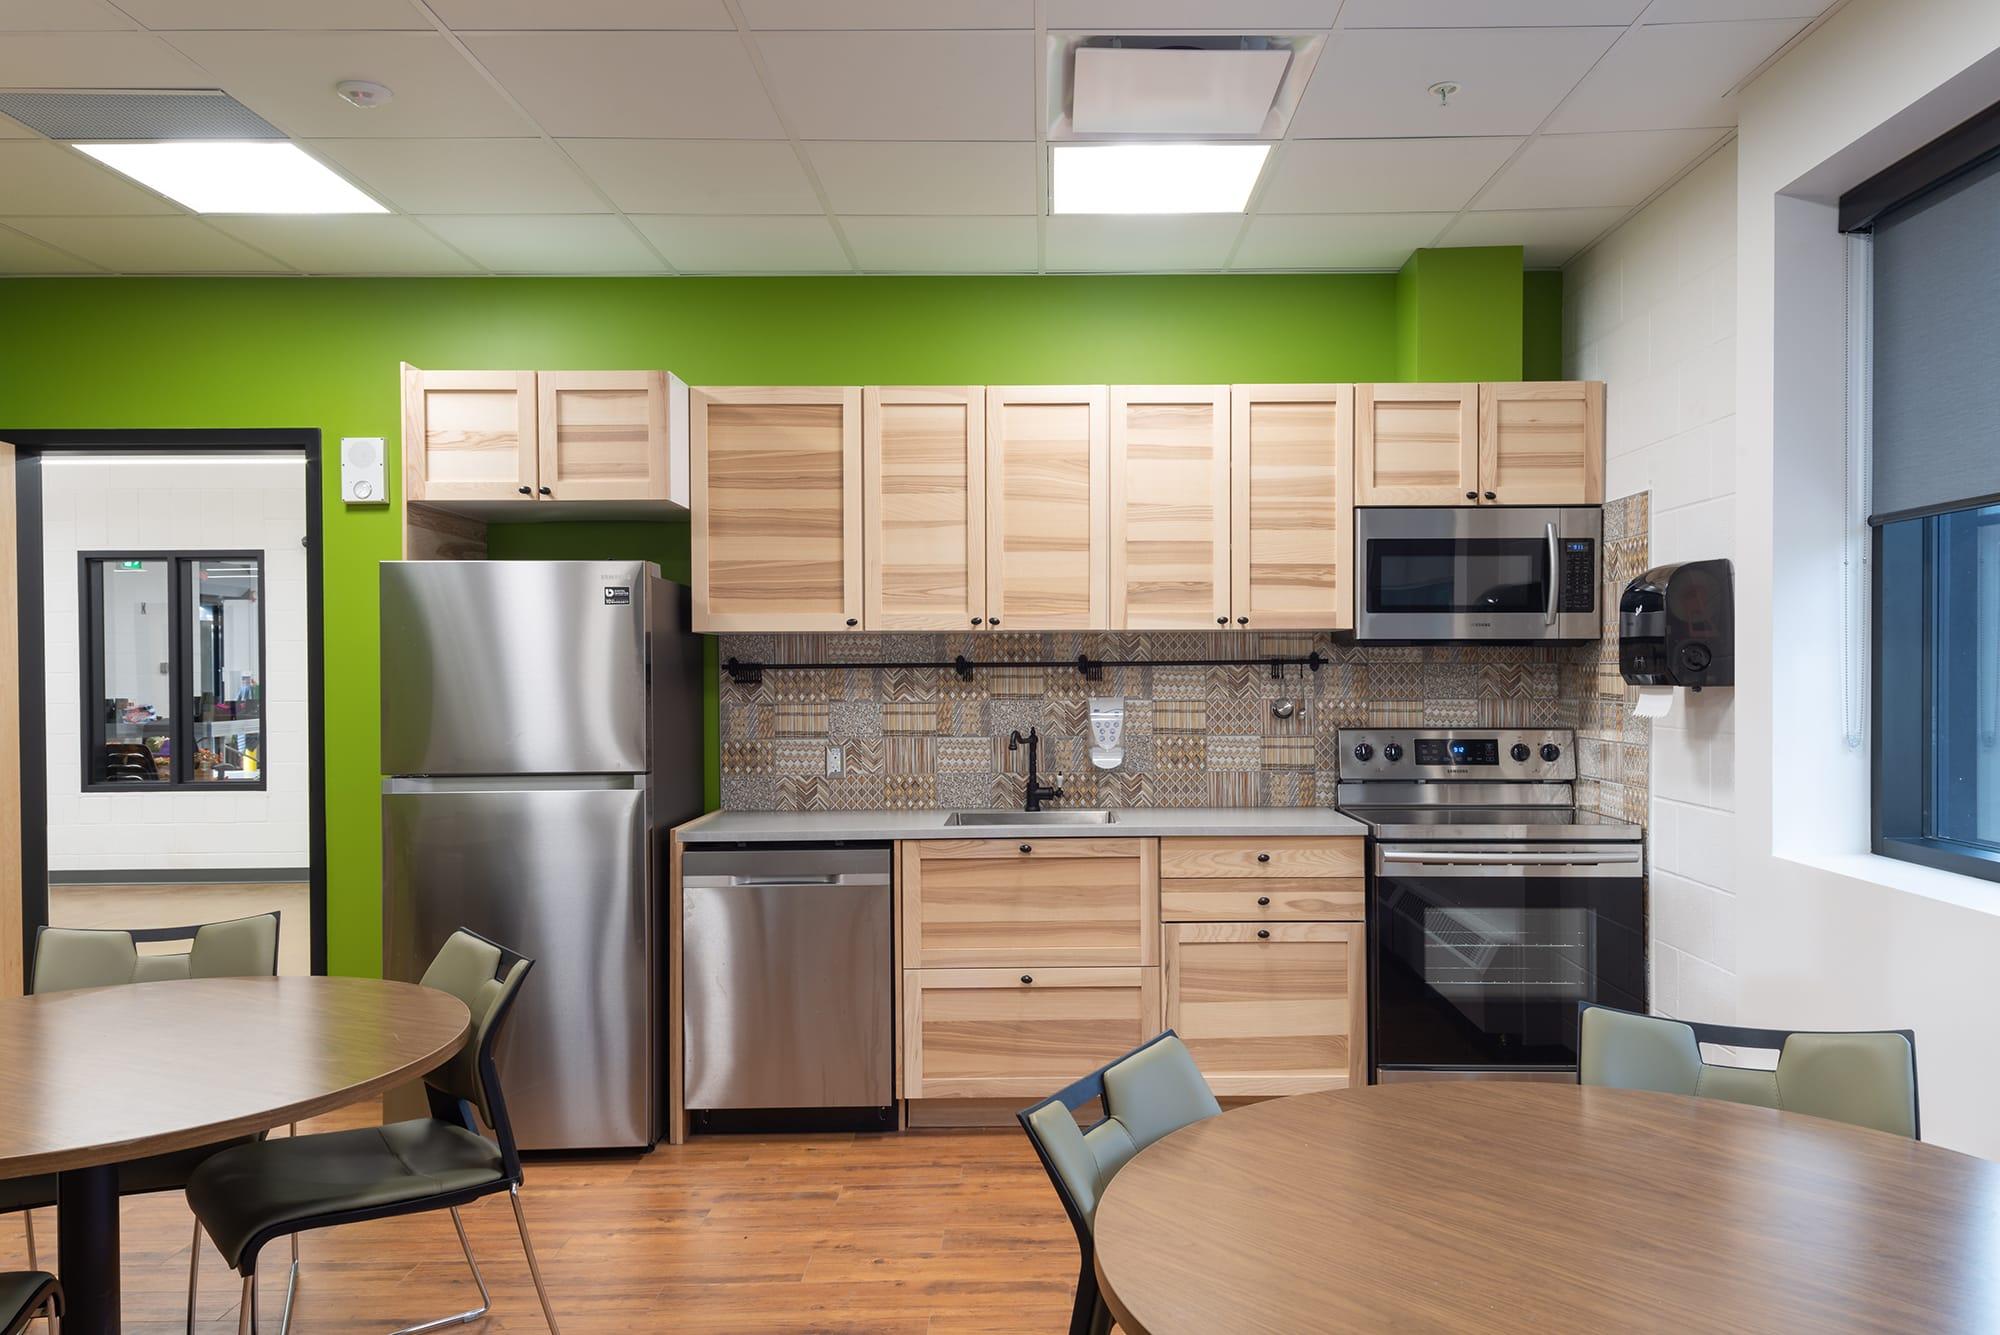 Alberta Hospital Edmonton Greenhouse kitchen